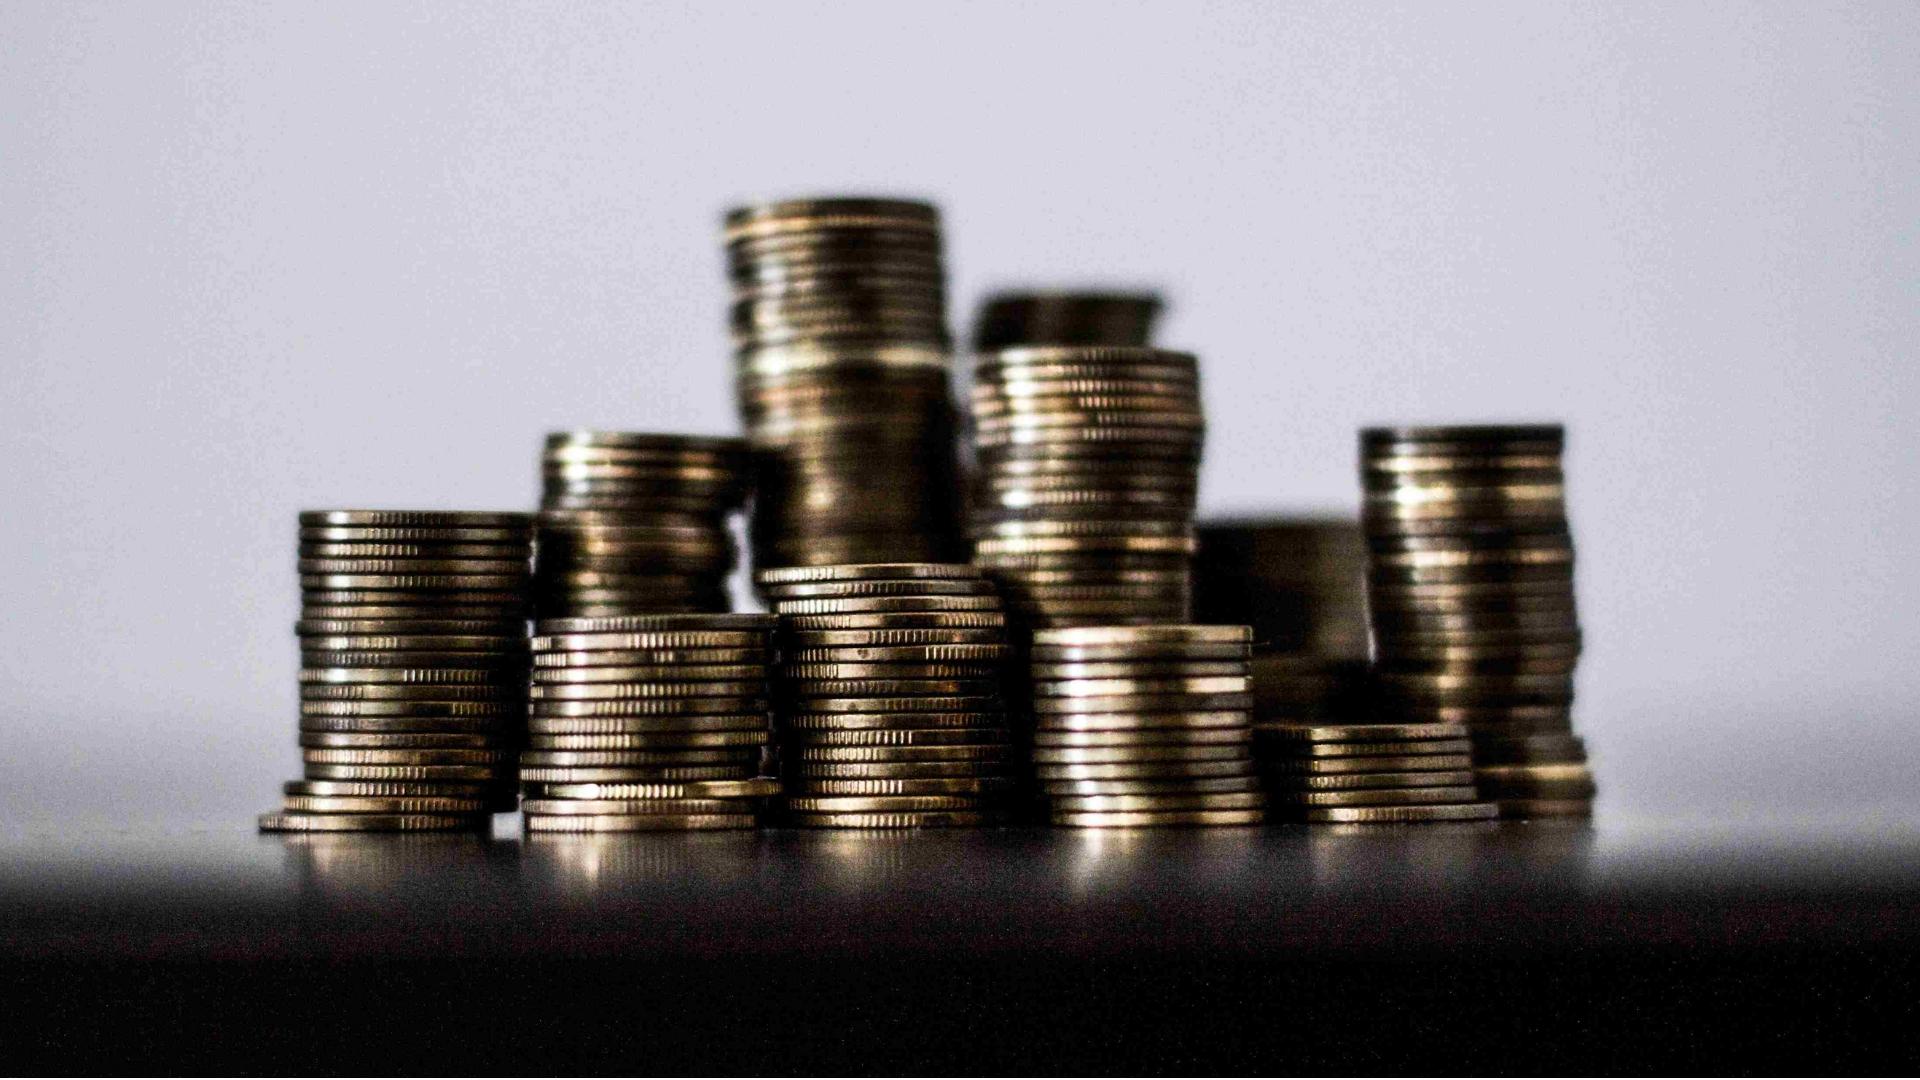 Valuation e o Preço de Venda de uma empresa